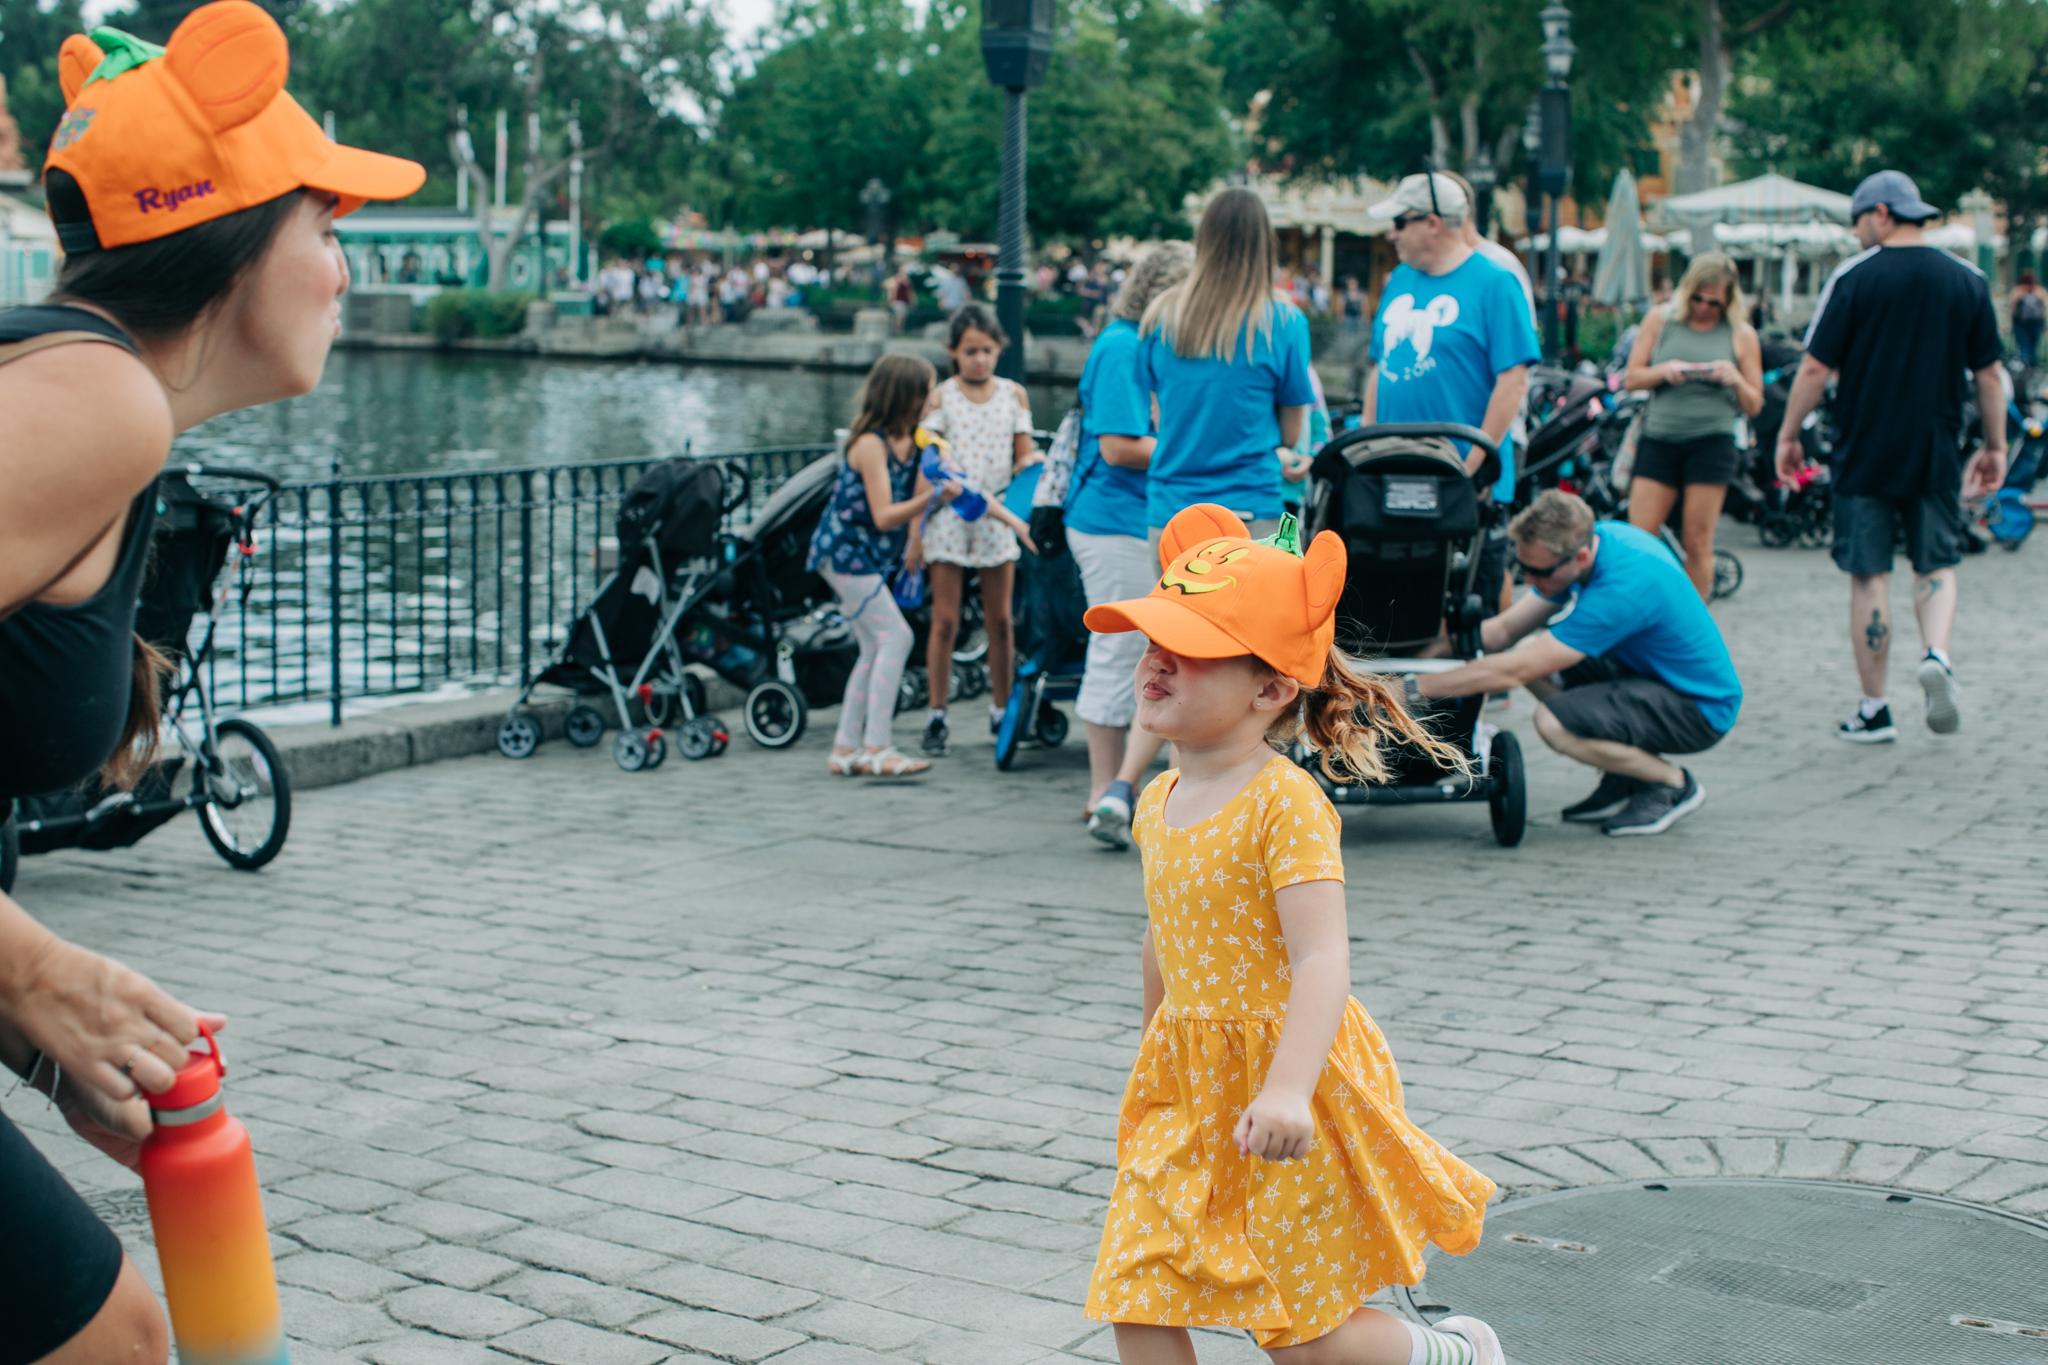 BabyBoyBakery_Disneyland_LilyRo-56.jpg